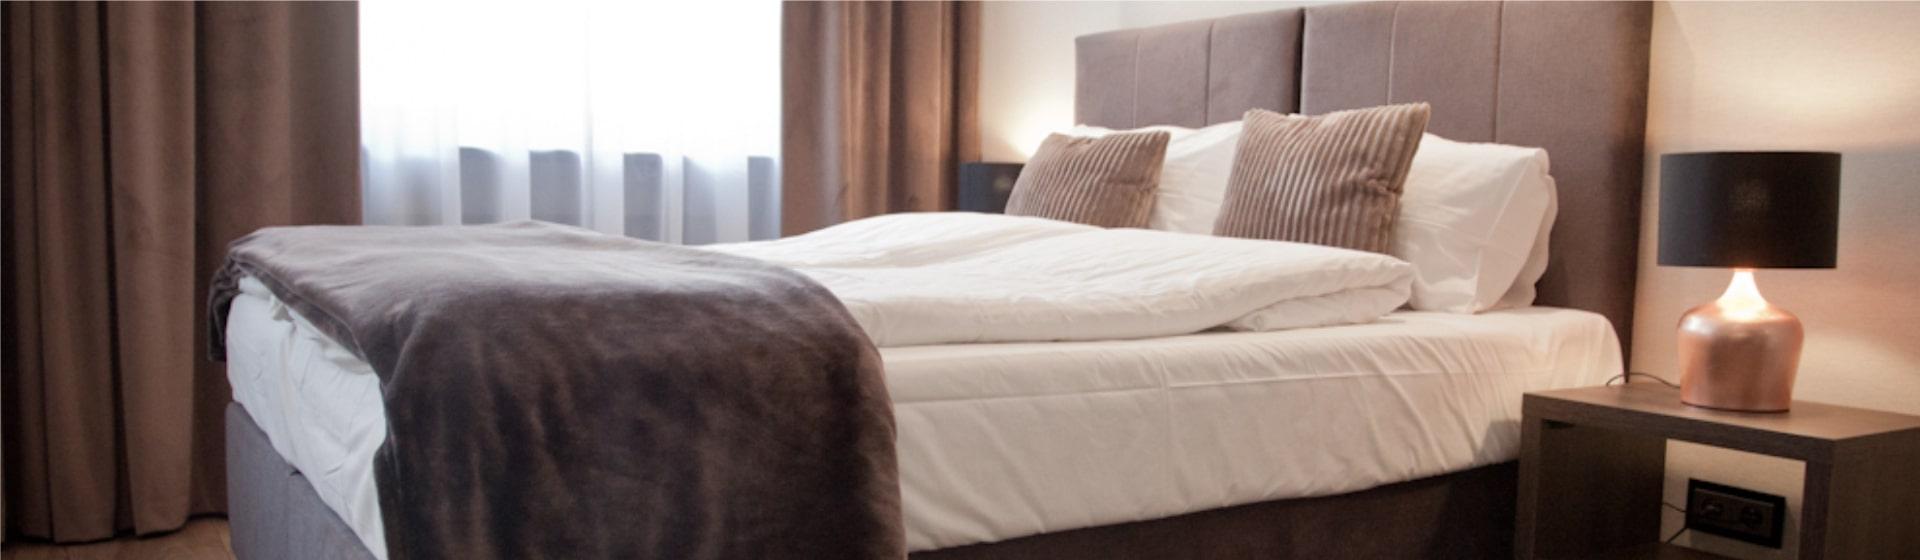 łóżka Kontynentalne Dla Hotelu Przytulne I Wielofunkcyjne